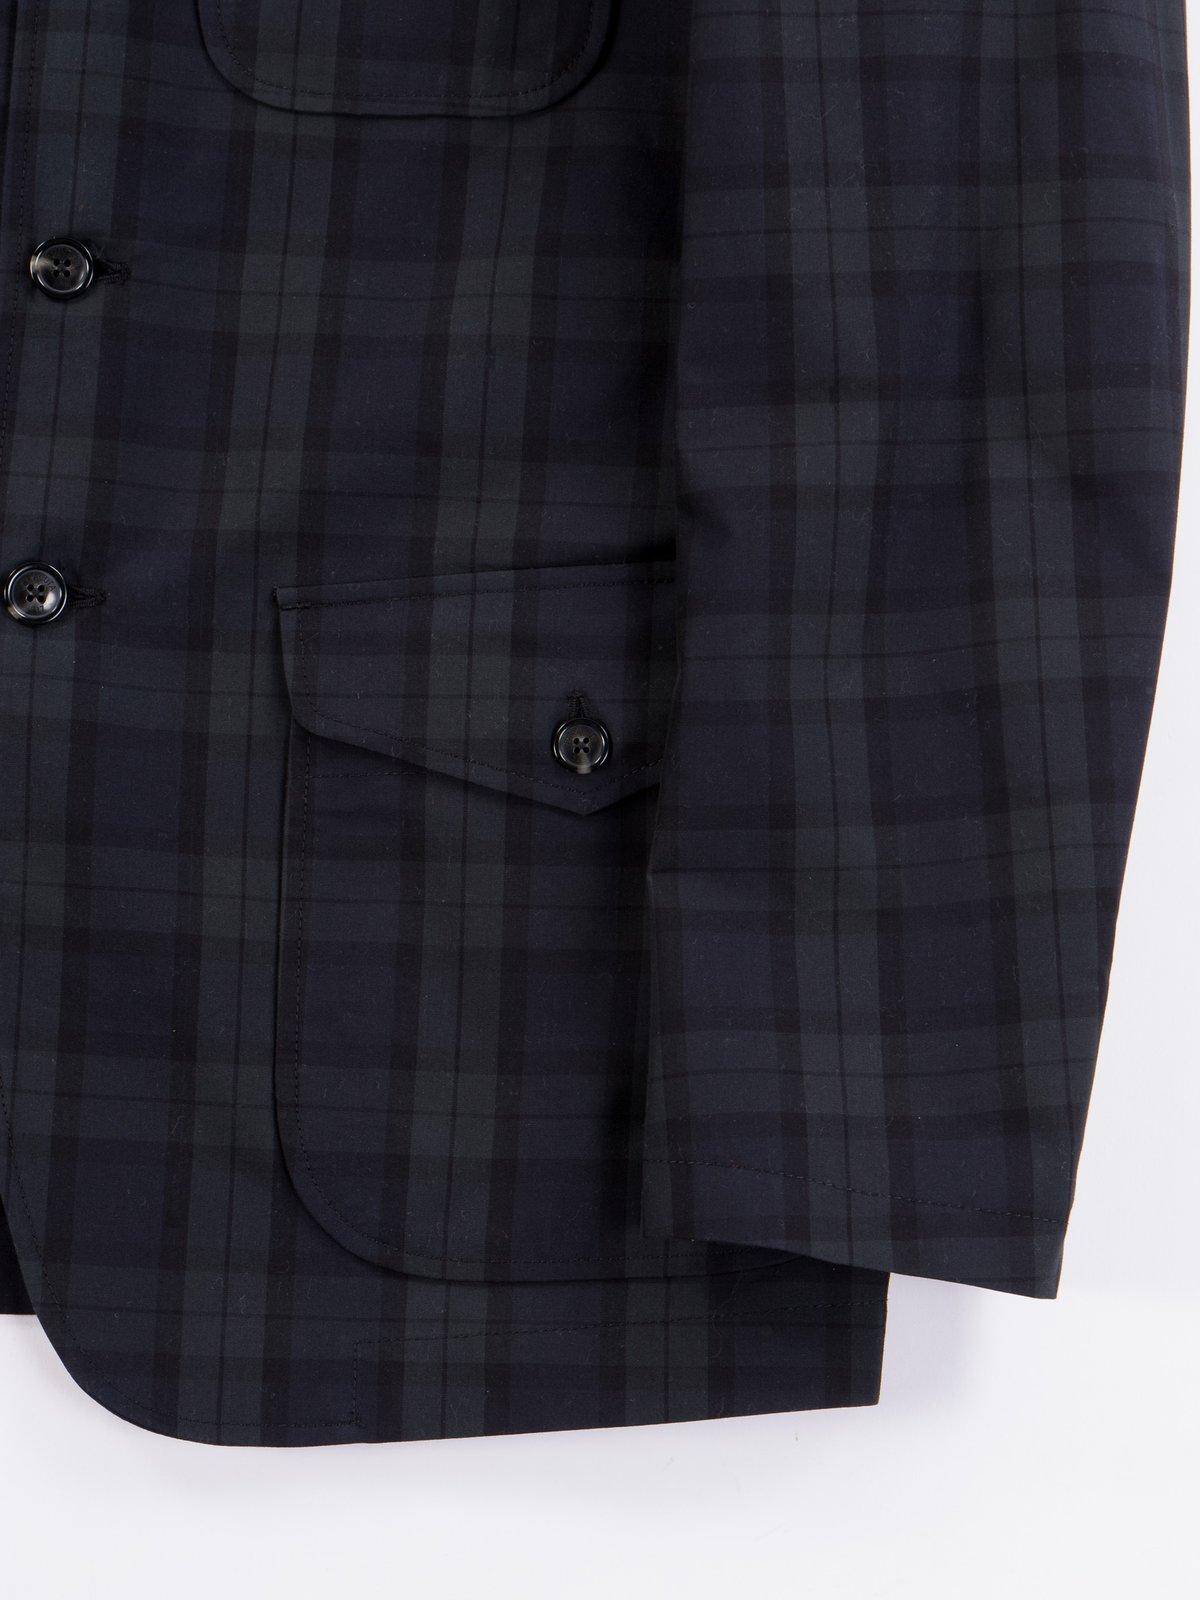 Blackwatch Structured EG Blazer - Image 4